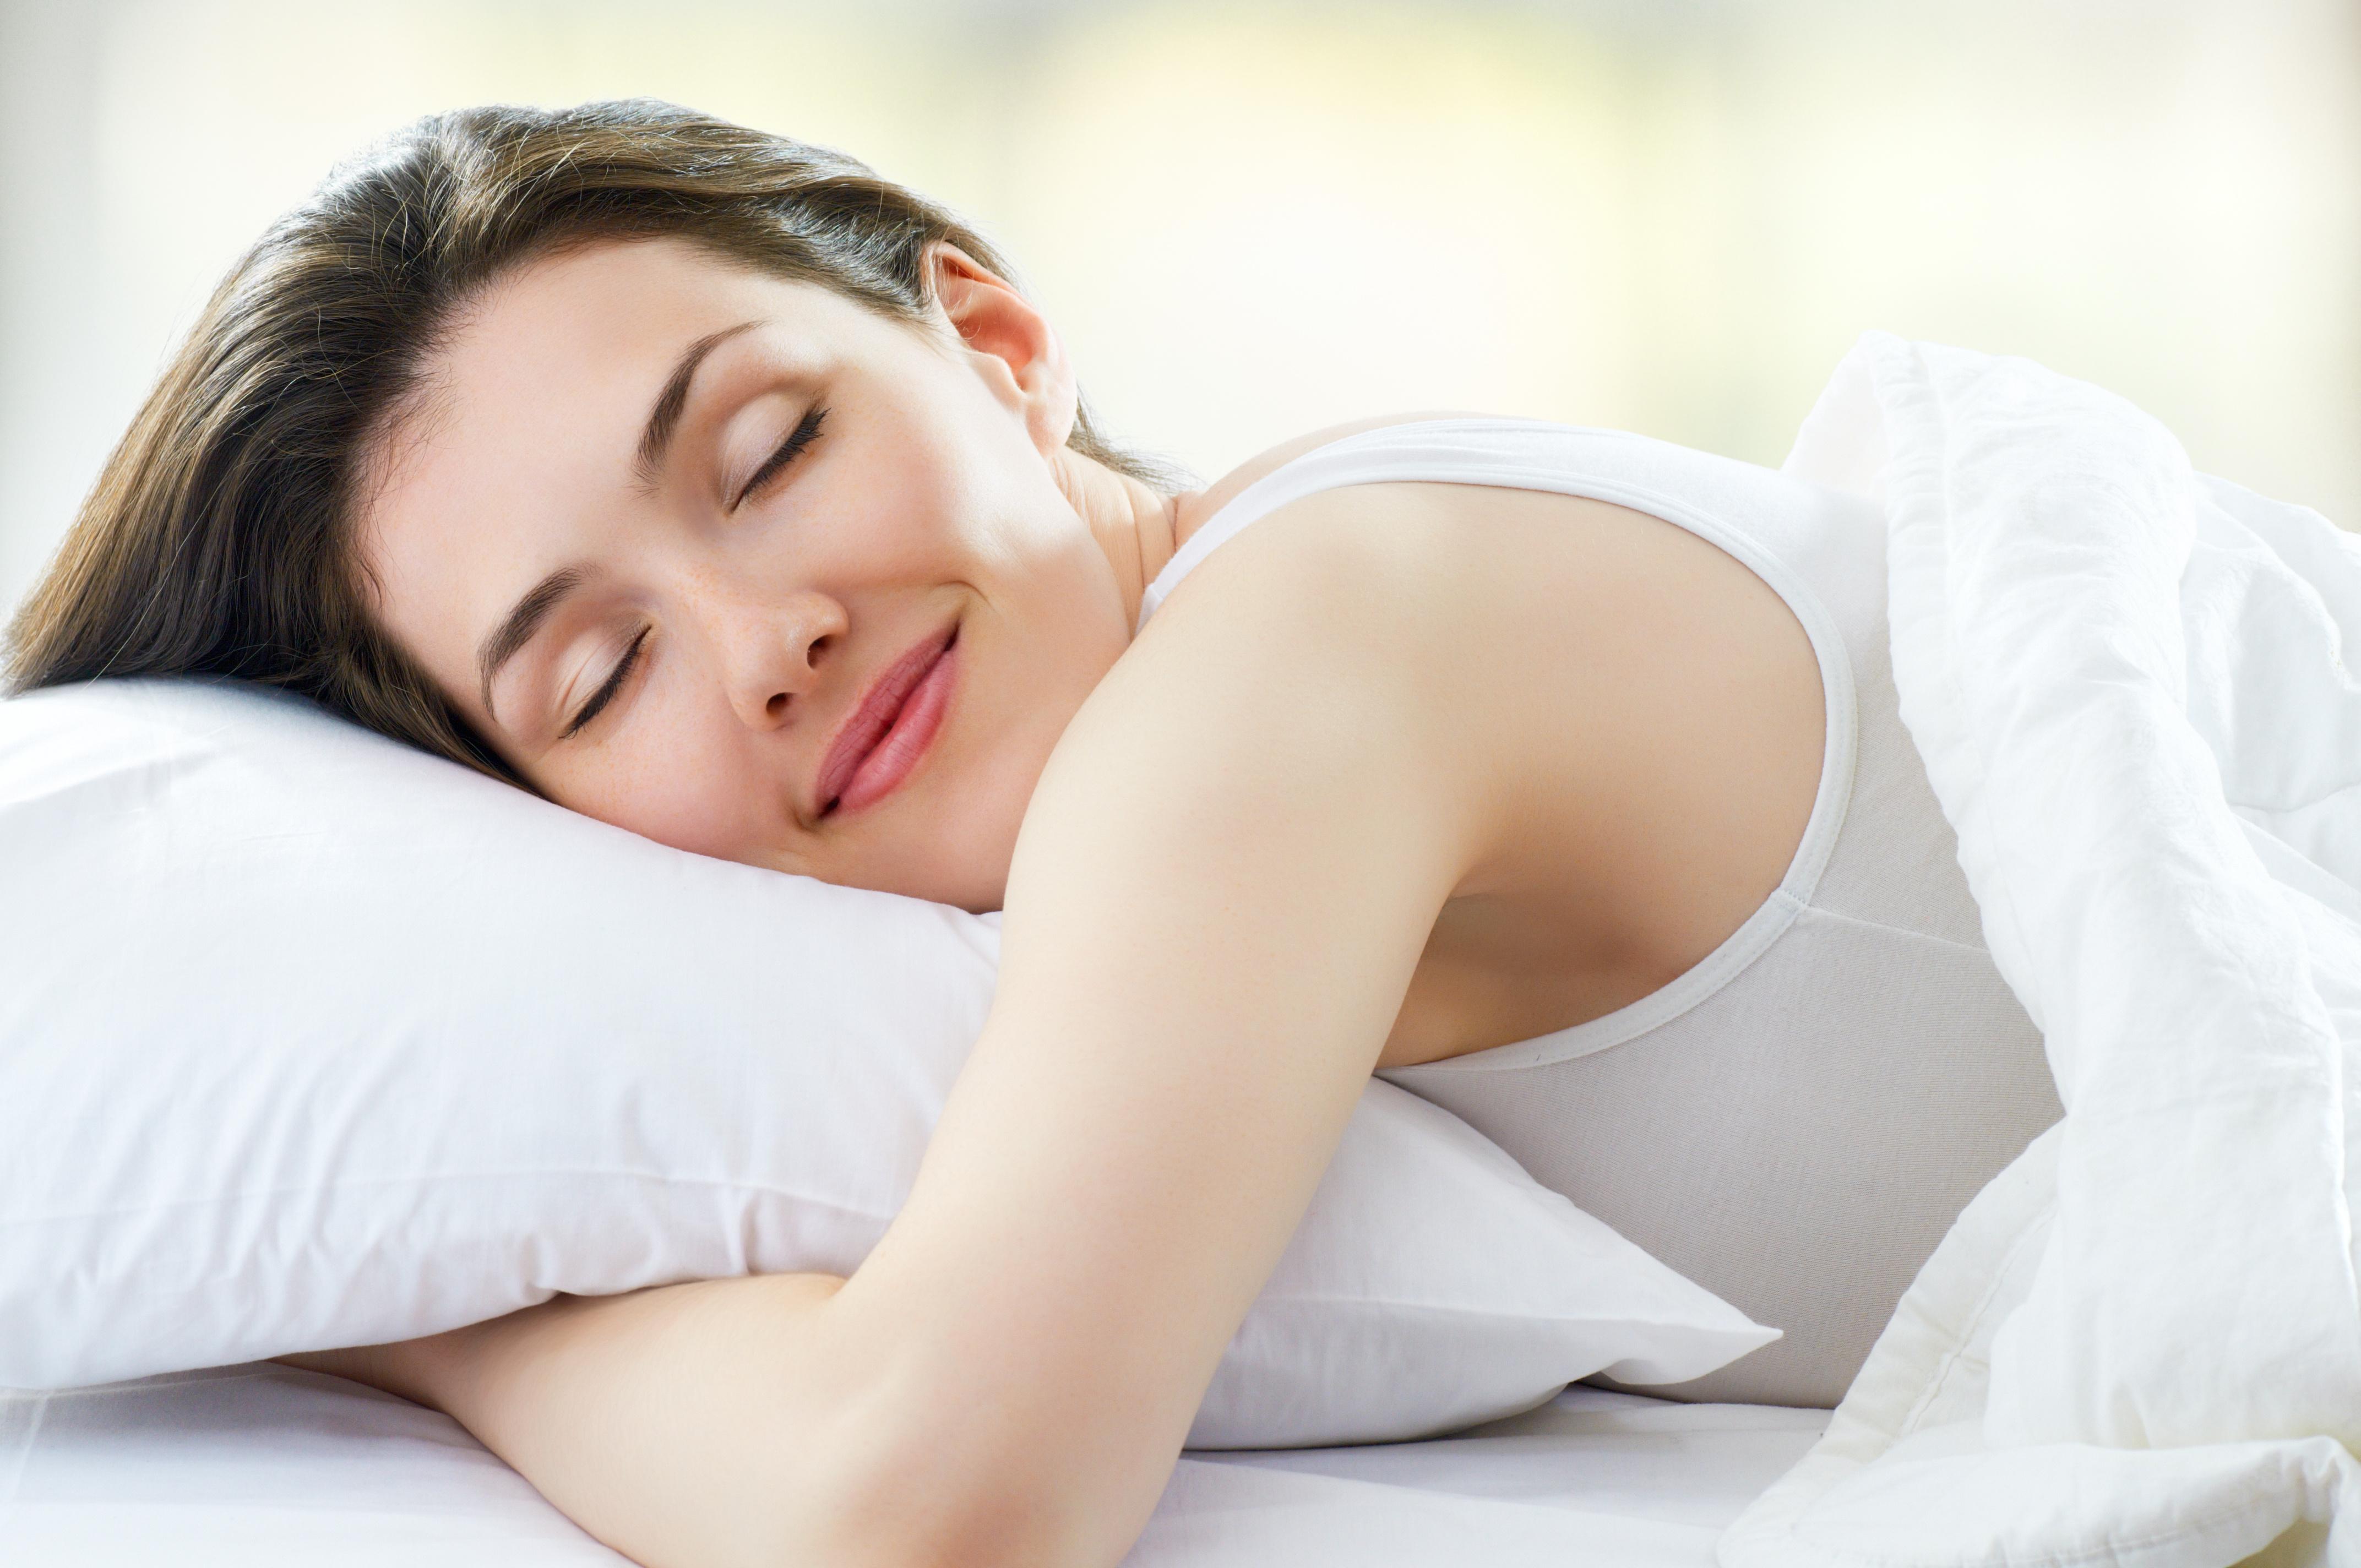 Uyurken Elleri Yastık Altına Koymak Omuz Ağrısı Yapar